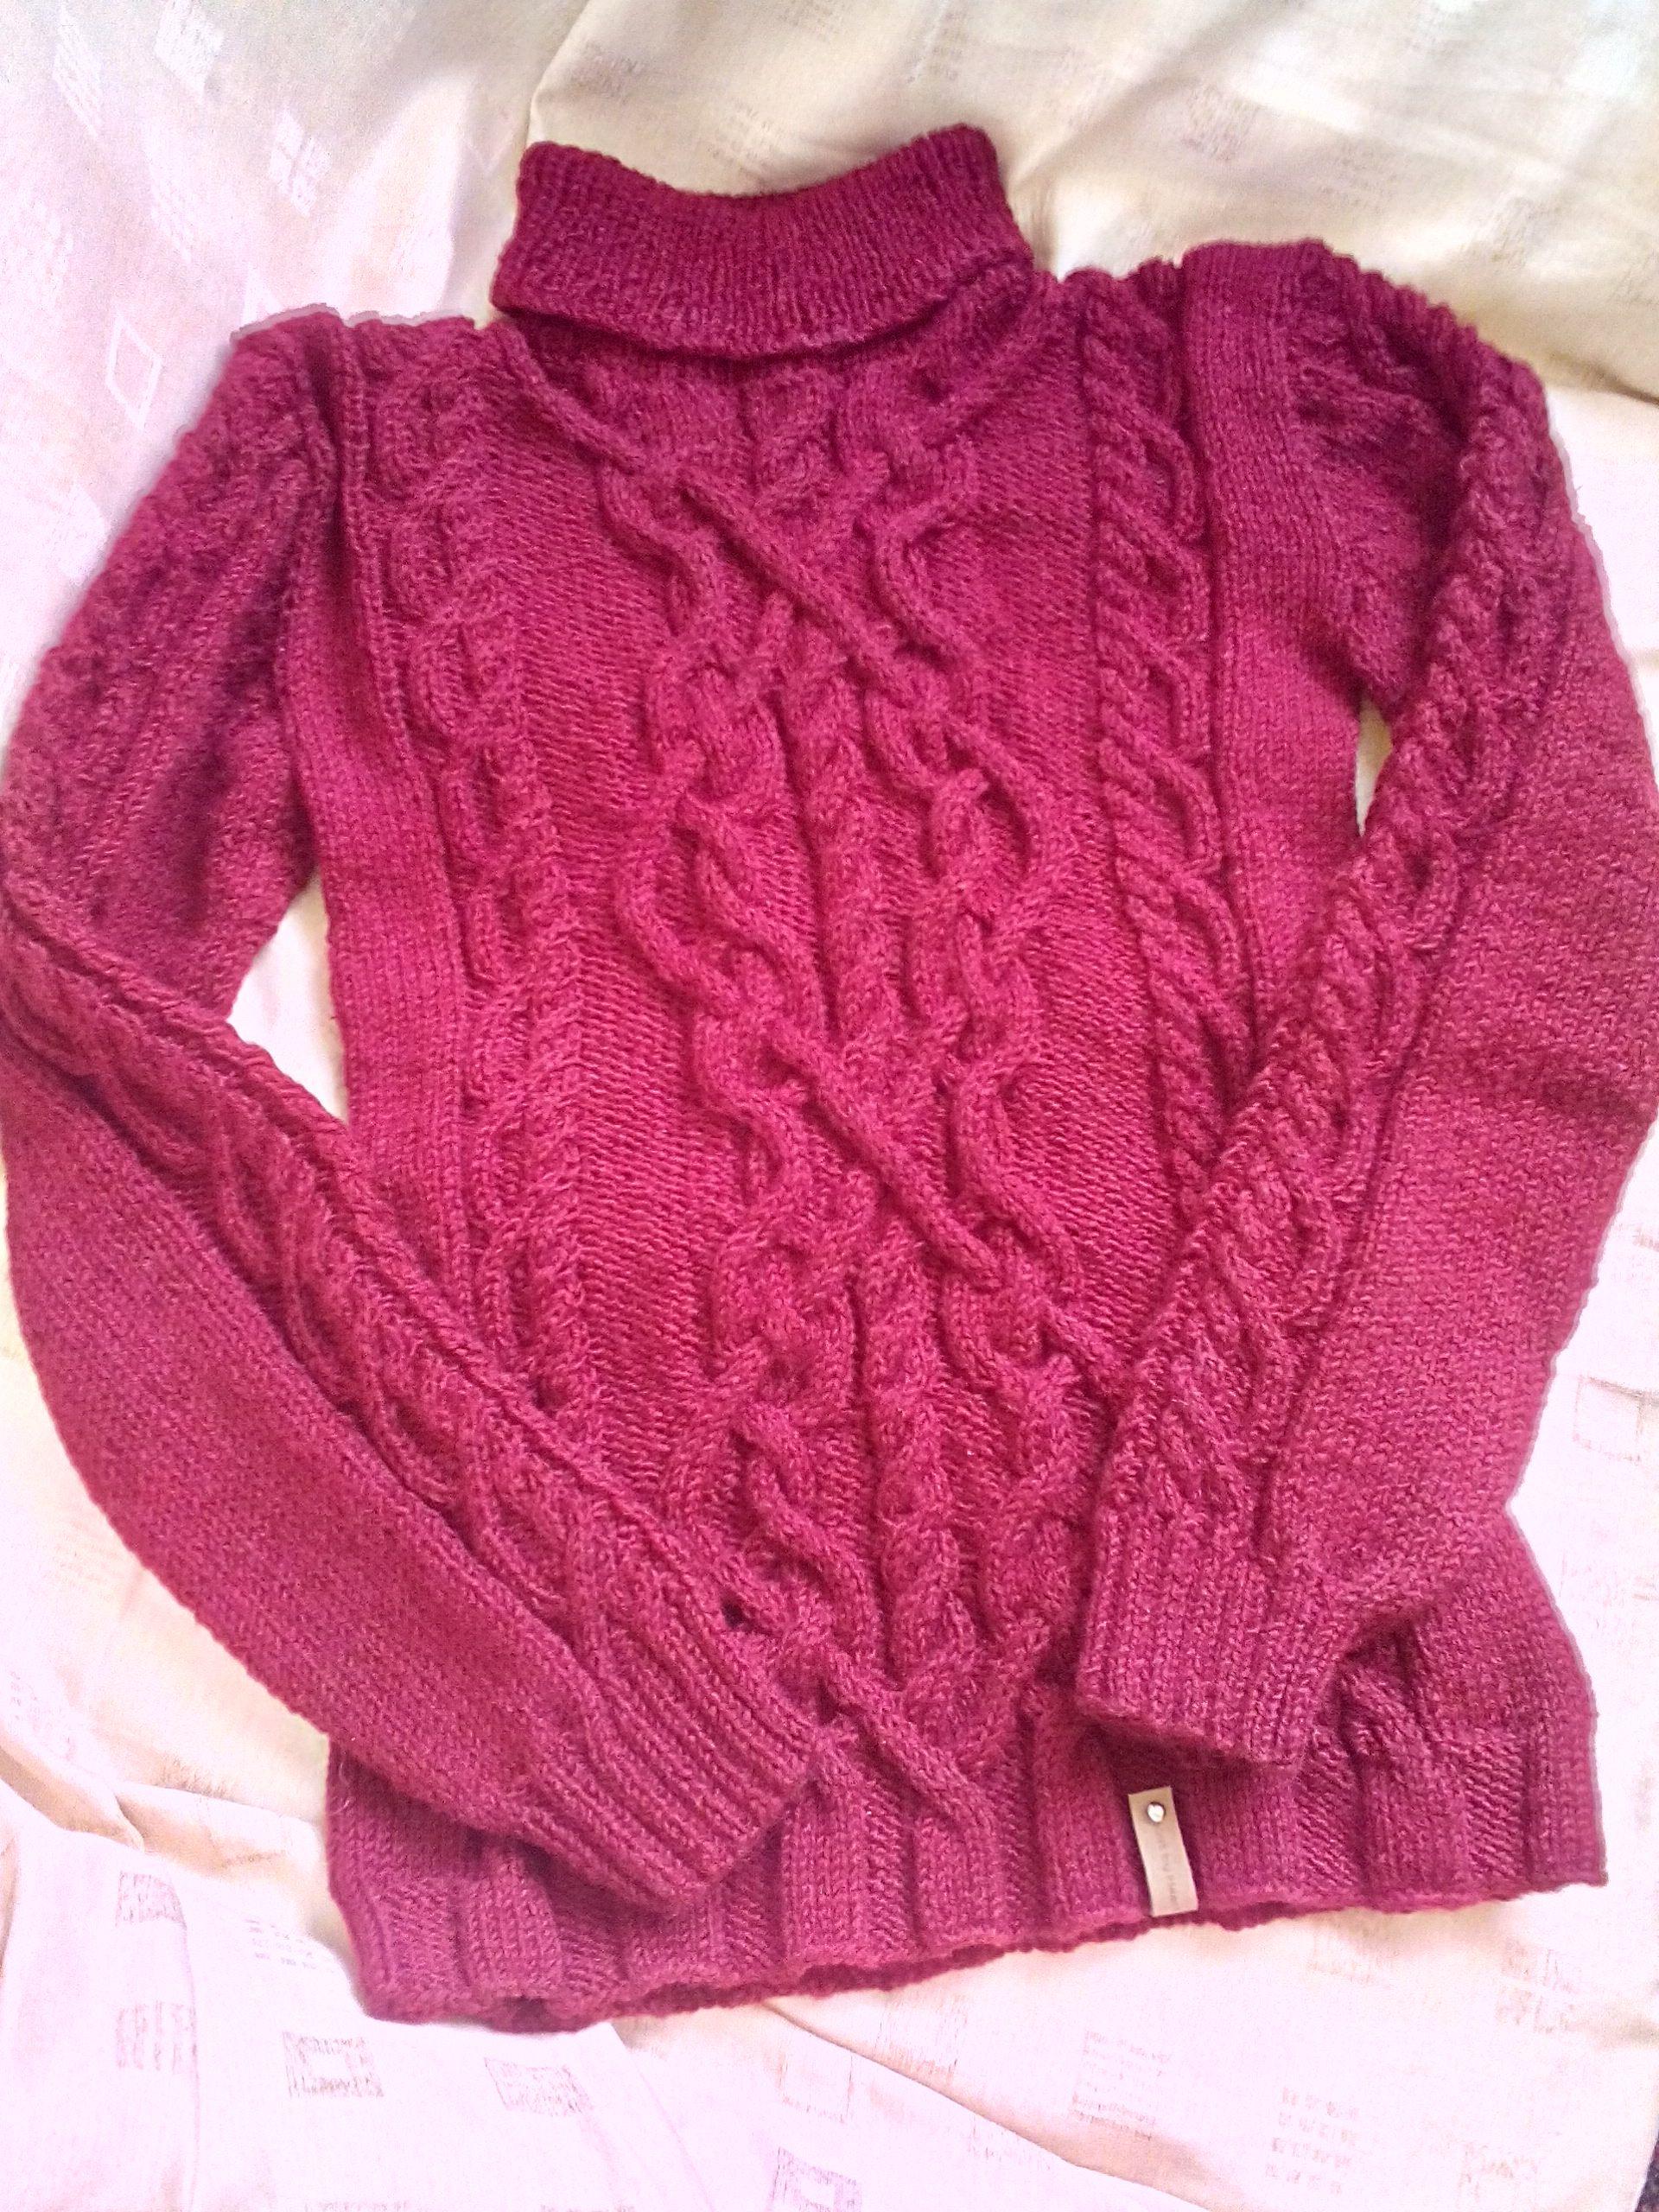 стильный вязаный свитер ручной работы фактурный узор украшает